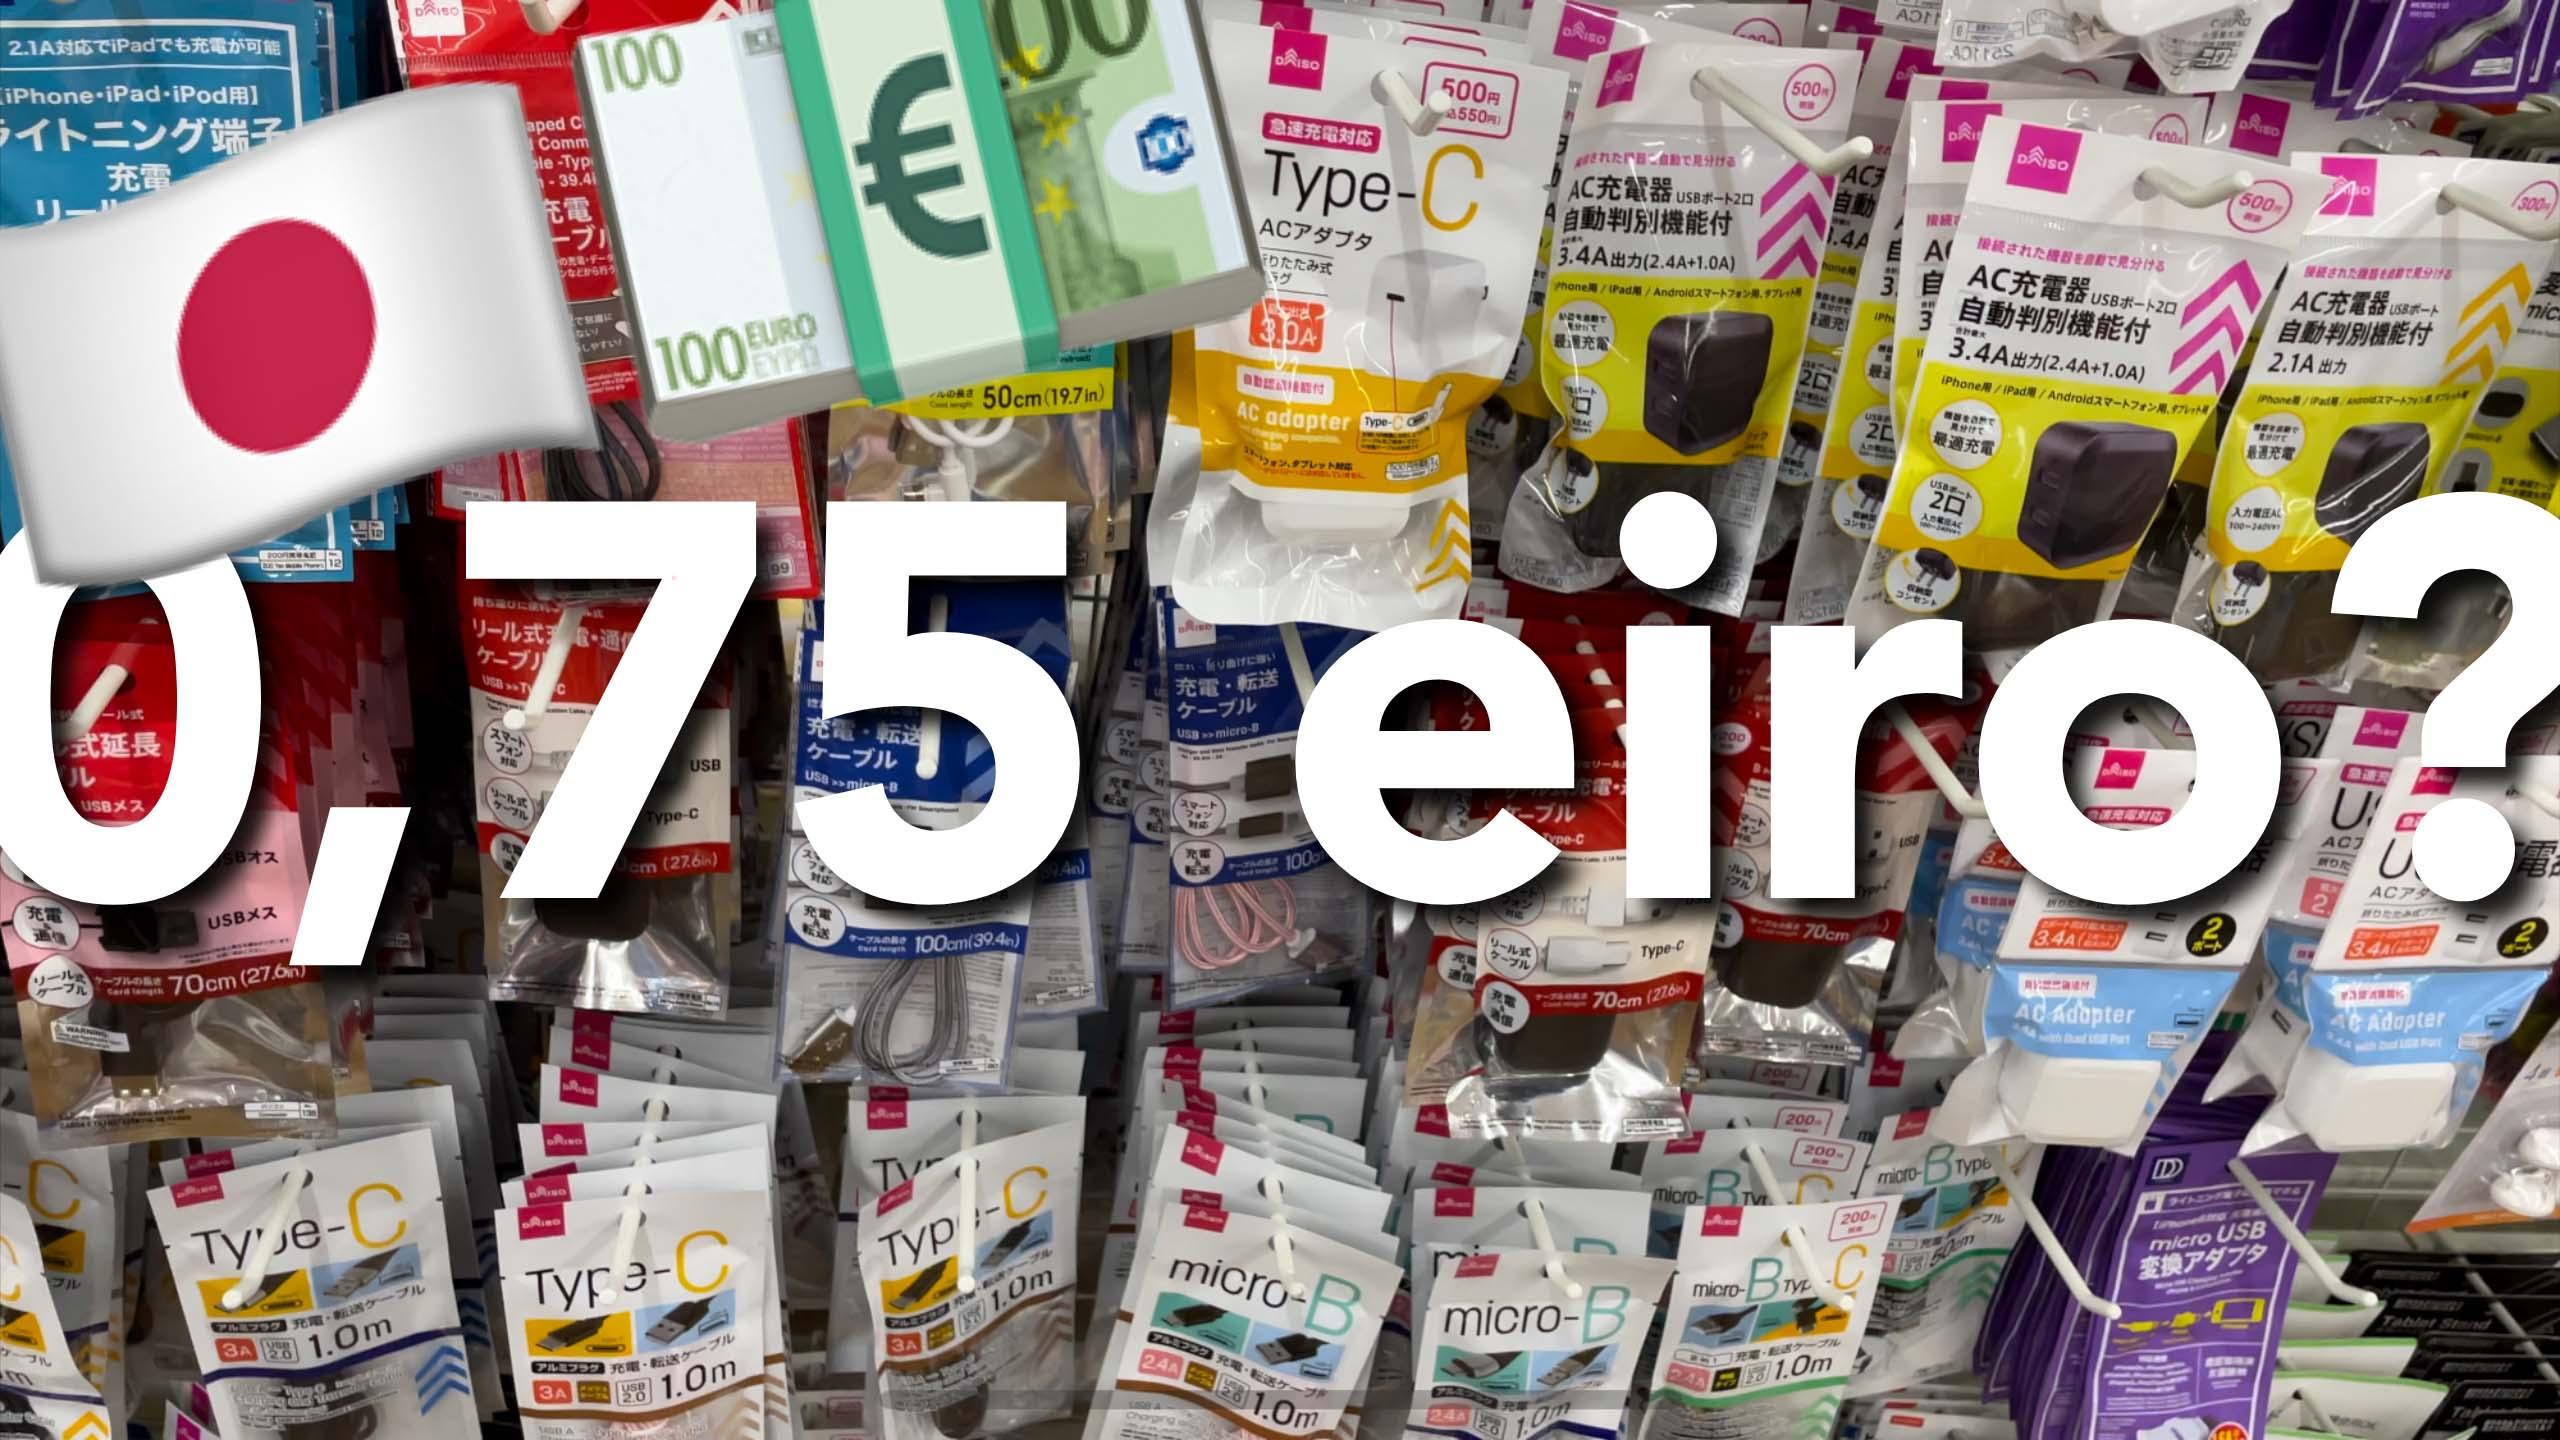 Japāņu tehnoloģiju nieki par 75 centiem?